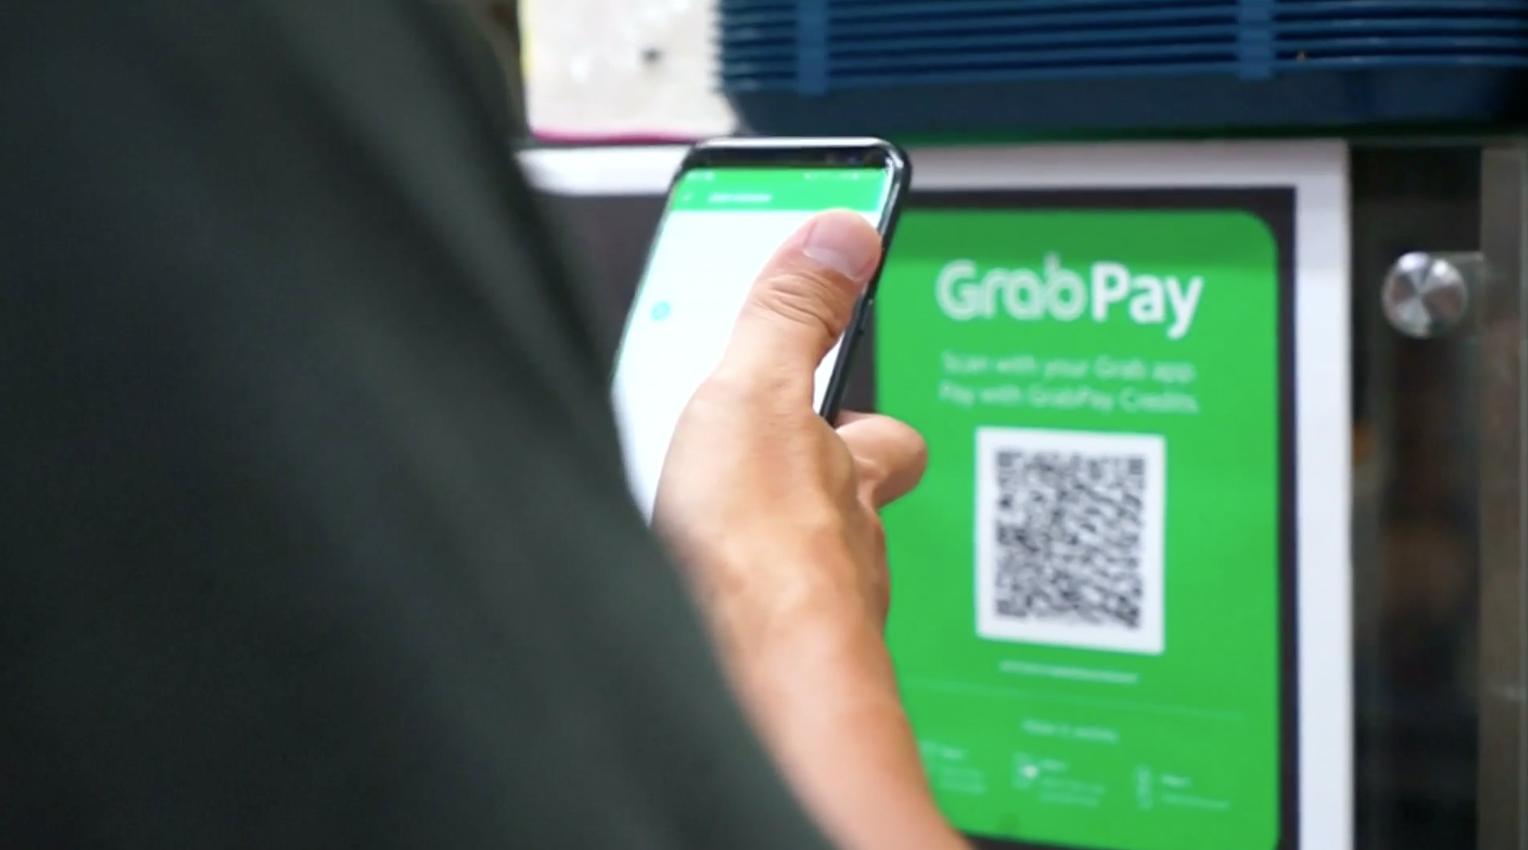 Công ty Grab dự tính đầu tư lớn vào thị trường Việt Nam